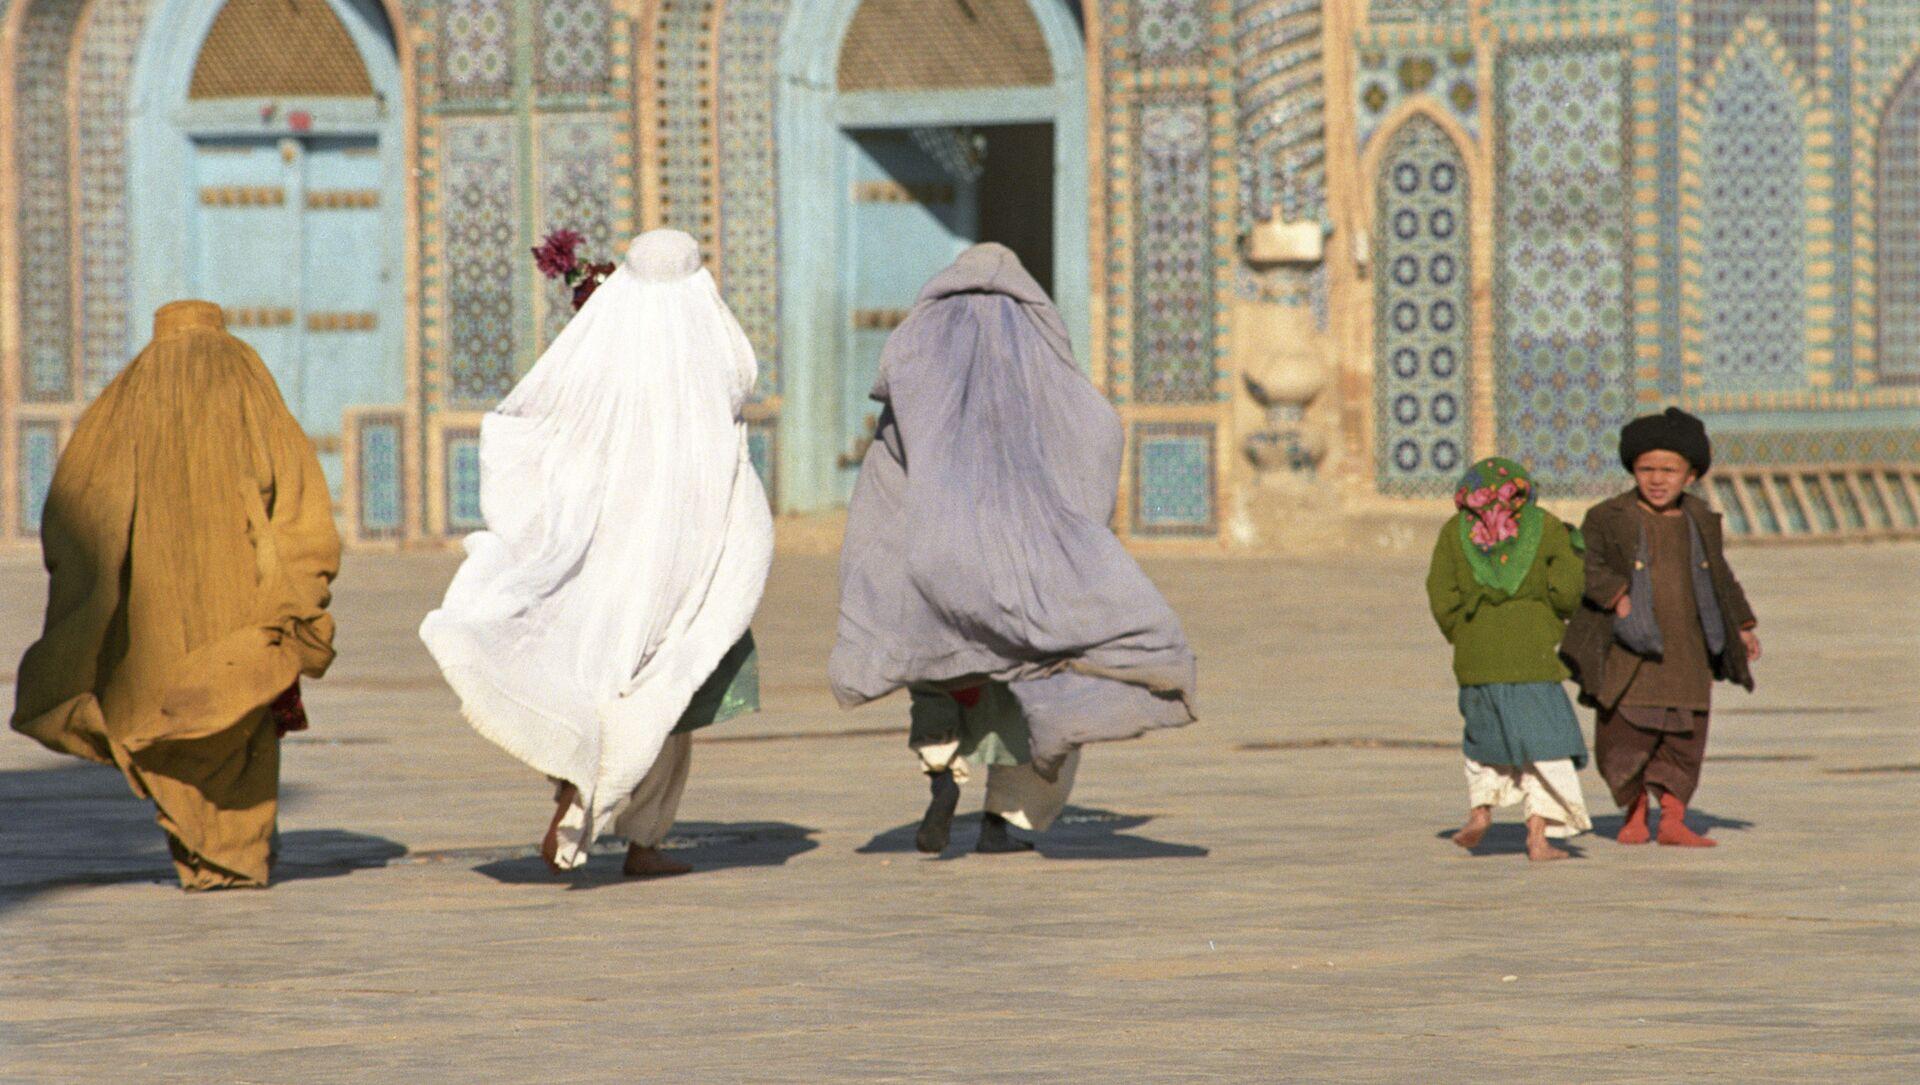 Femmes afghanes à Mazâr-e Charîf, Afghanistan - Sputnik France, 1920, 17.08.2021